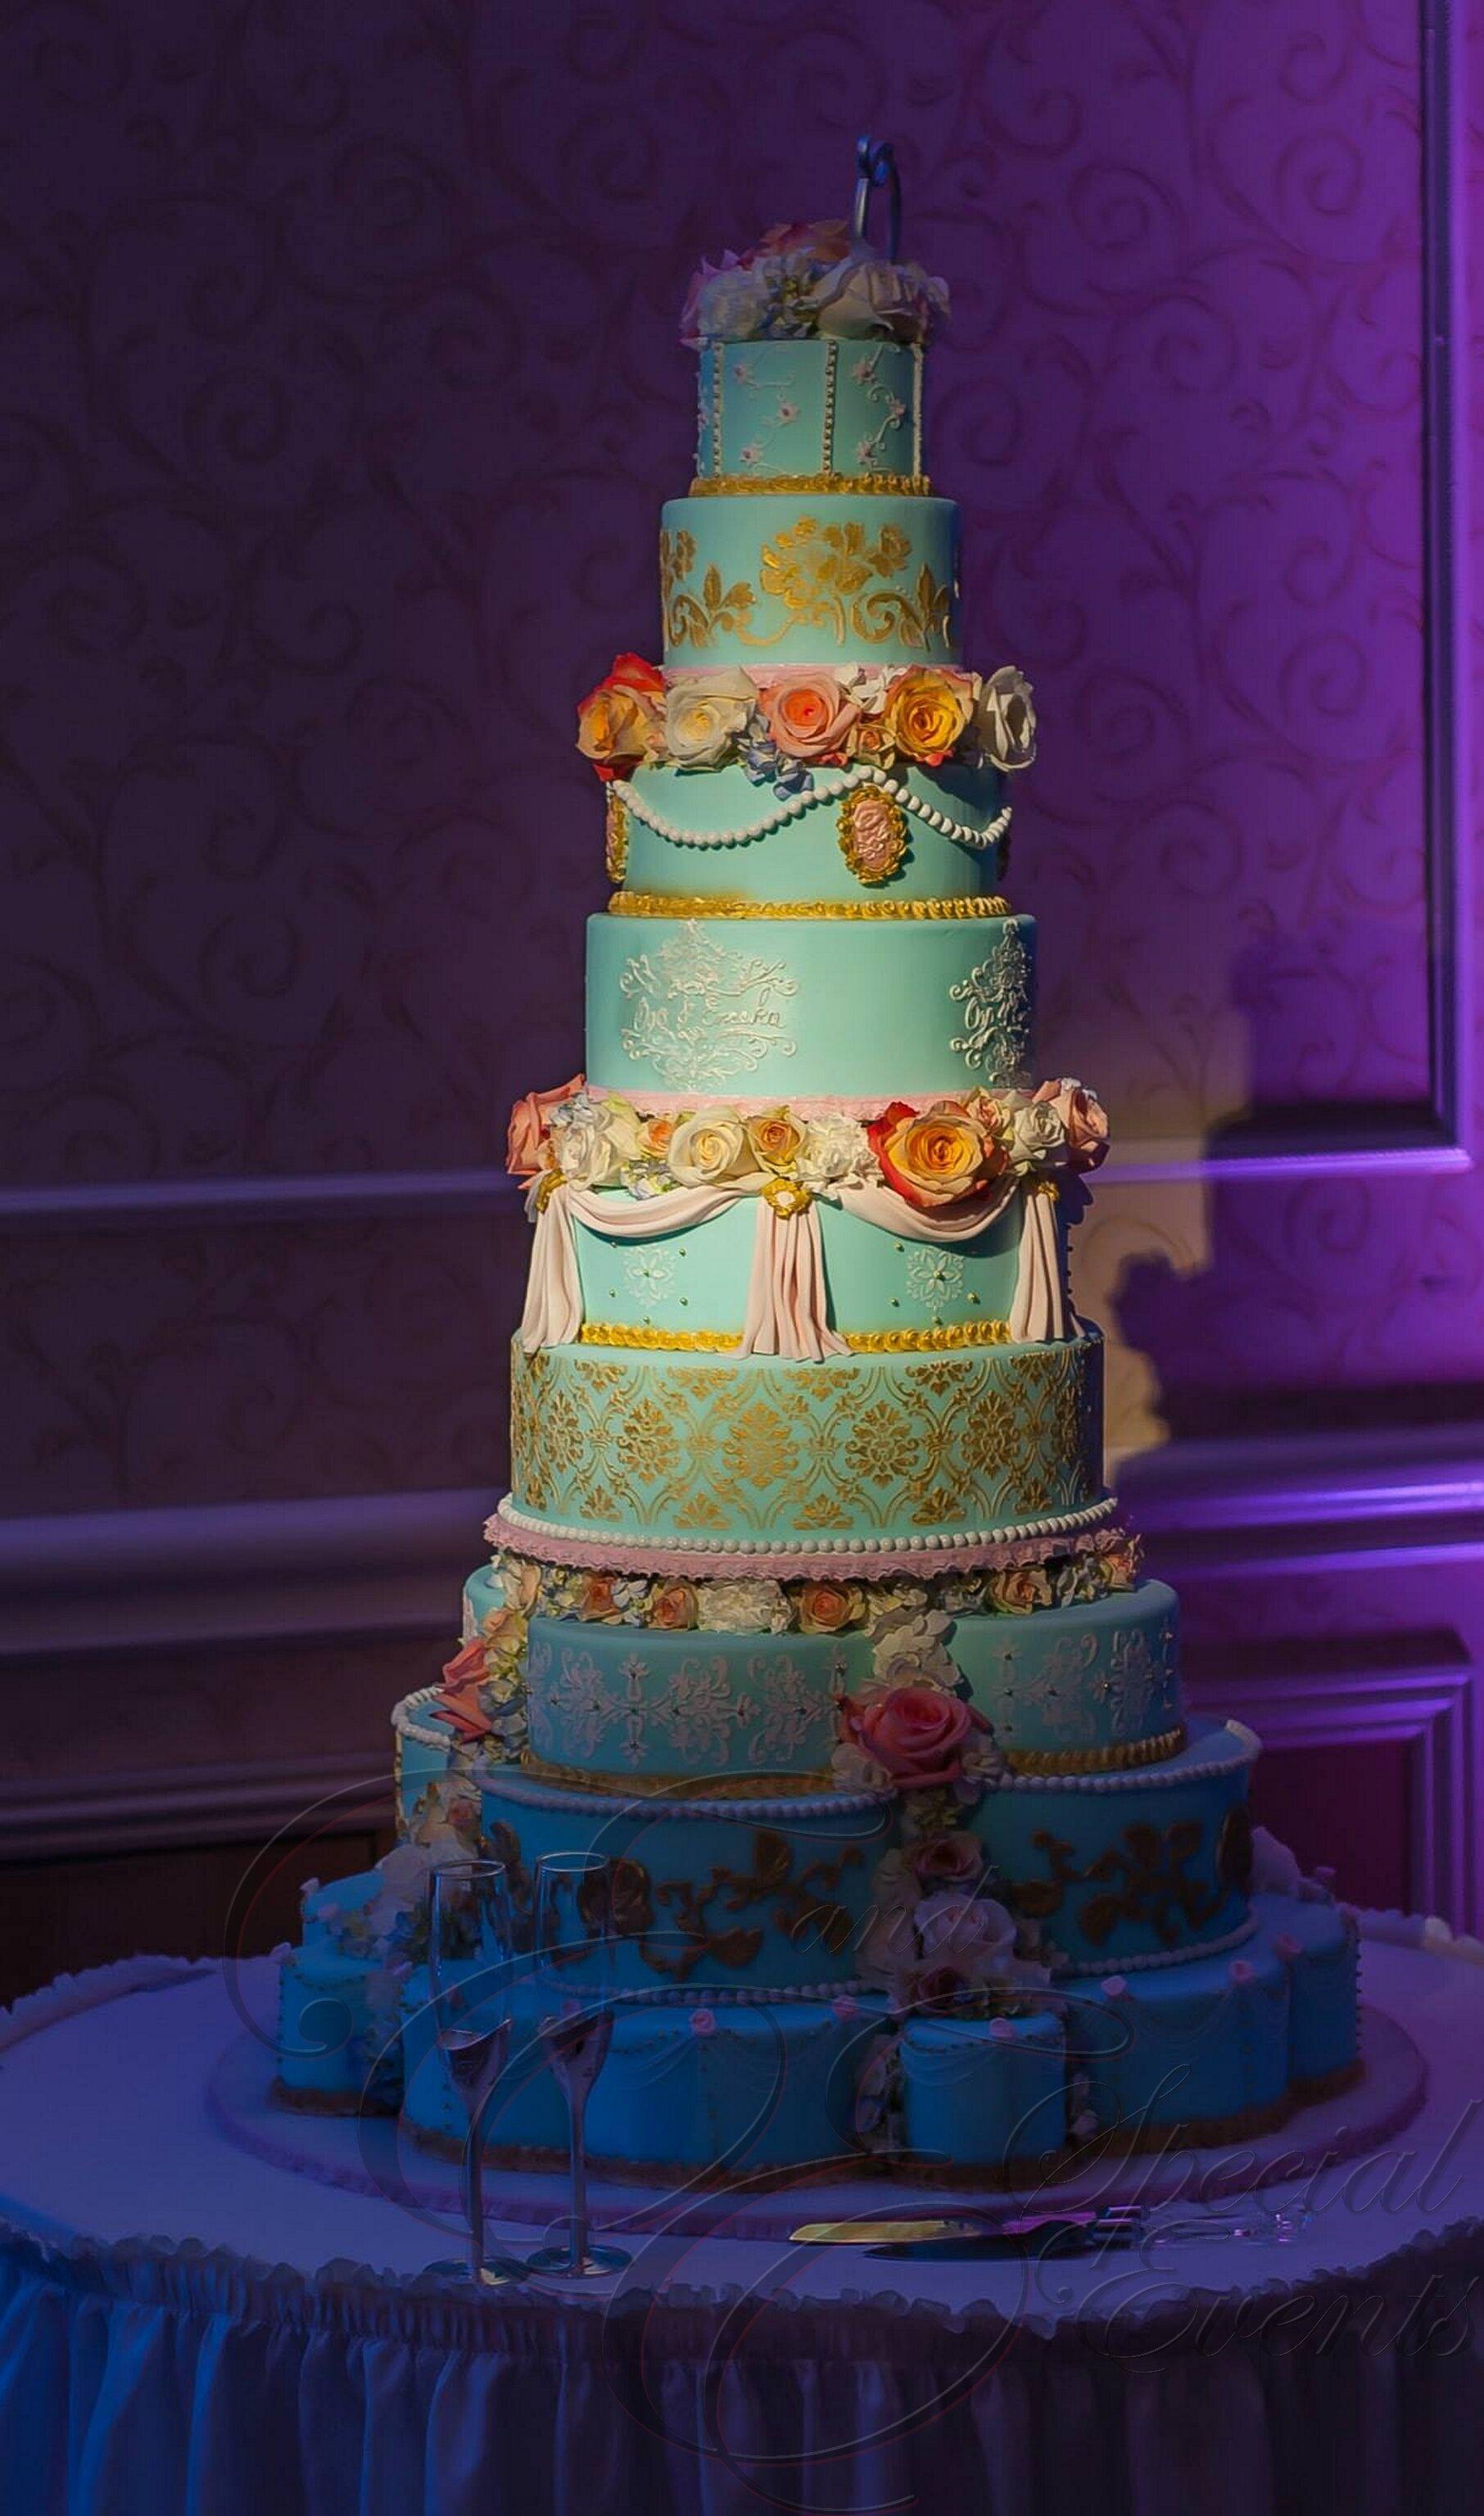 E_E_Special_Events_Elegant_Wedding_Cakes_Virginia_Beach_Hampton_Roads1.jpg